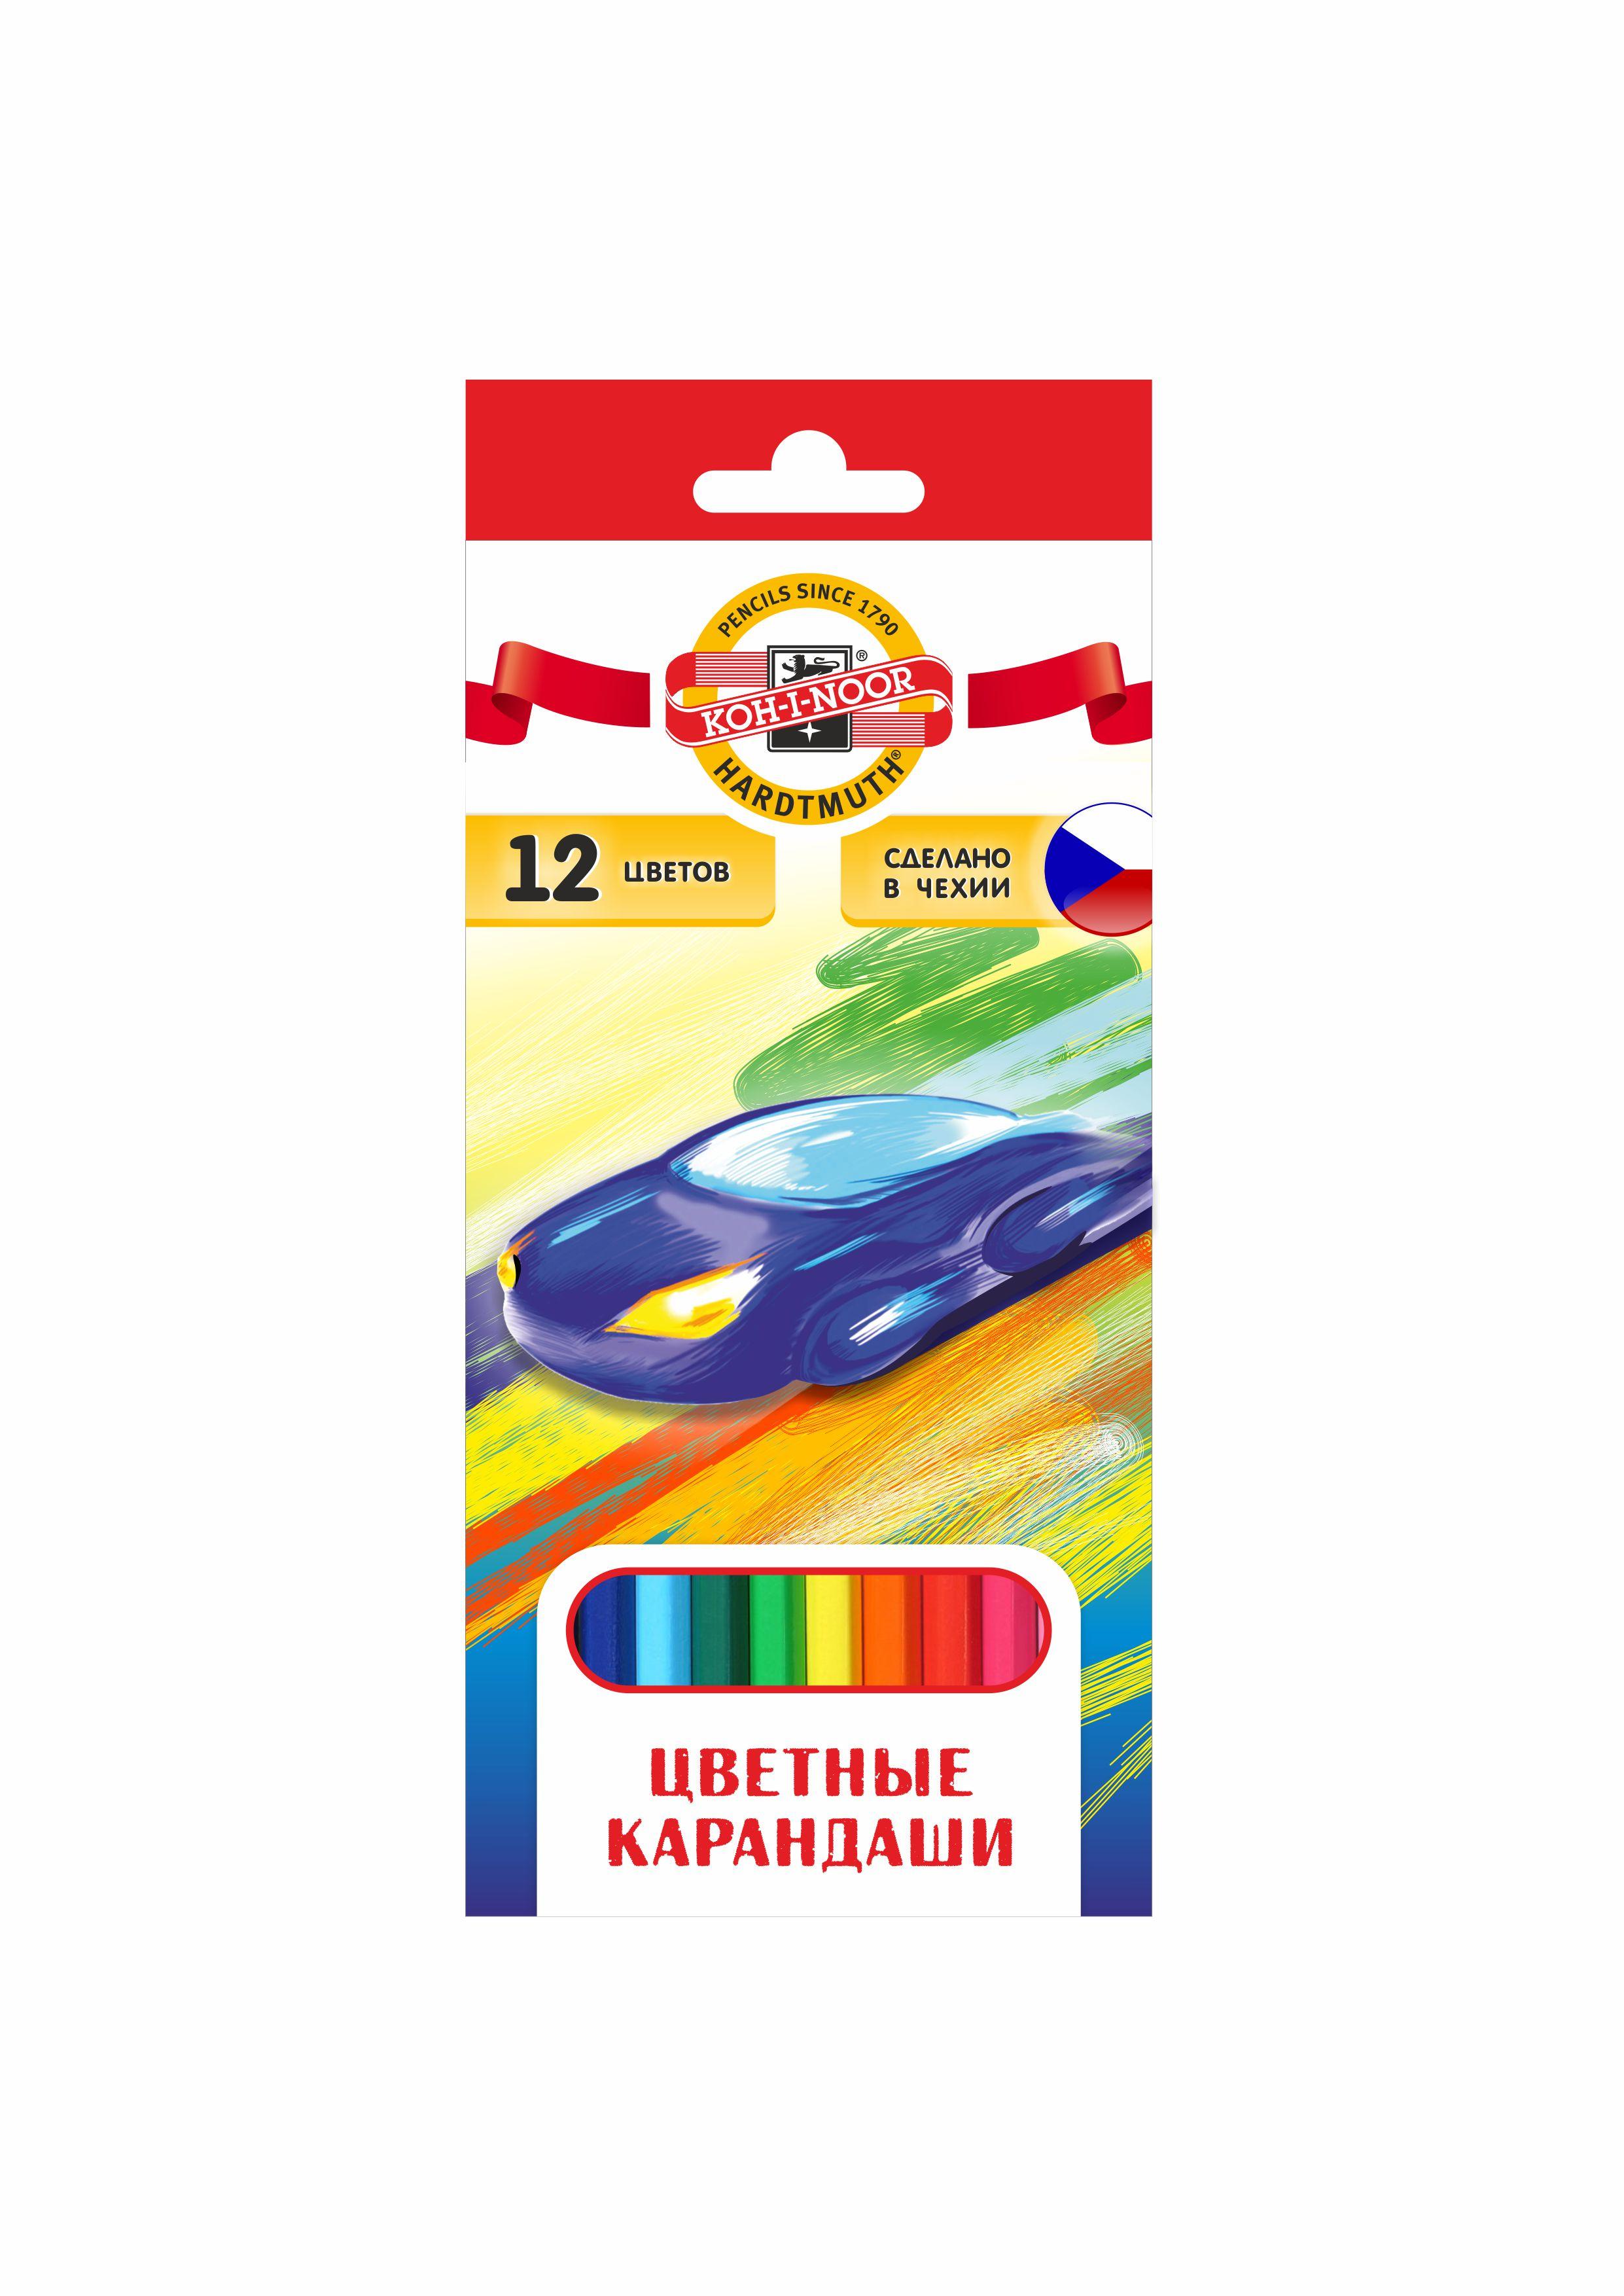 Разработка дизайна упаковки для чешского бренда KOH-I-NOOR фото f_38859edc53c7b0c7.jpg